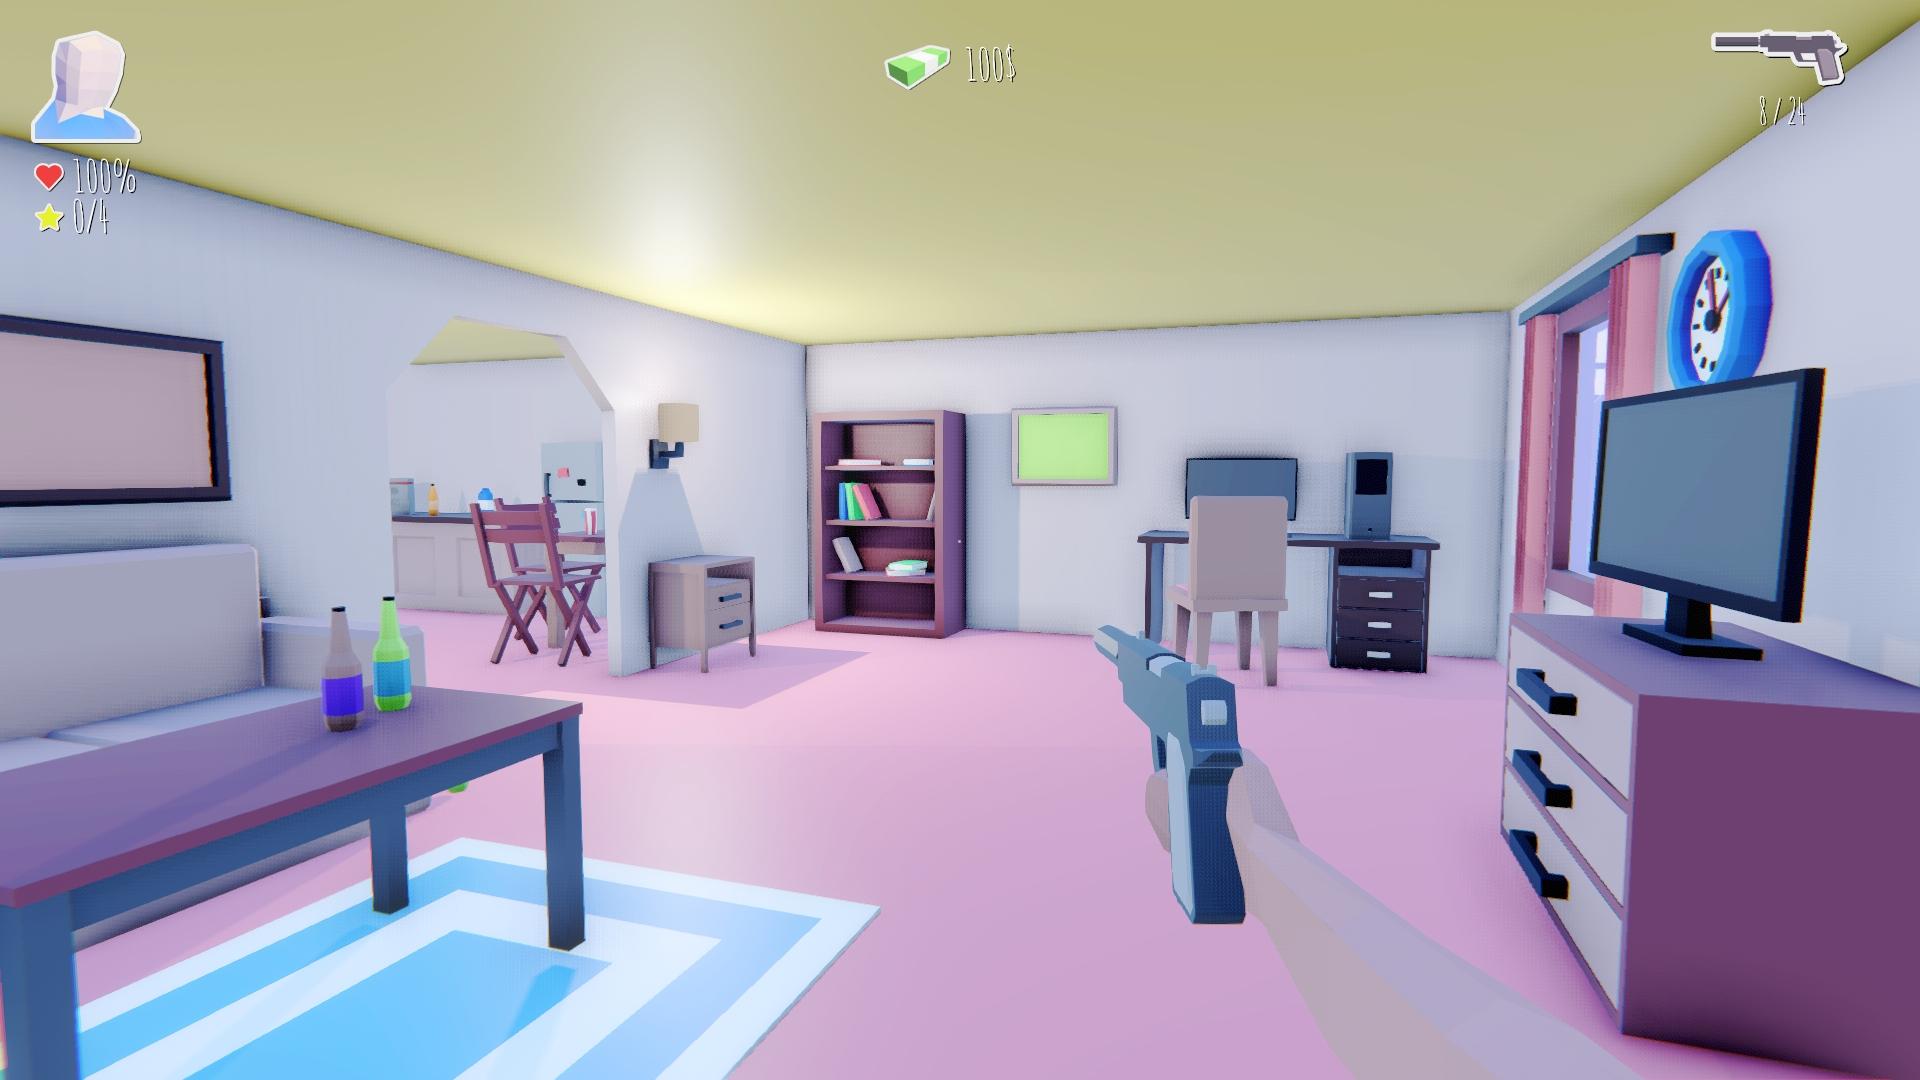 Dude Simulator 2 screenshot